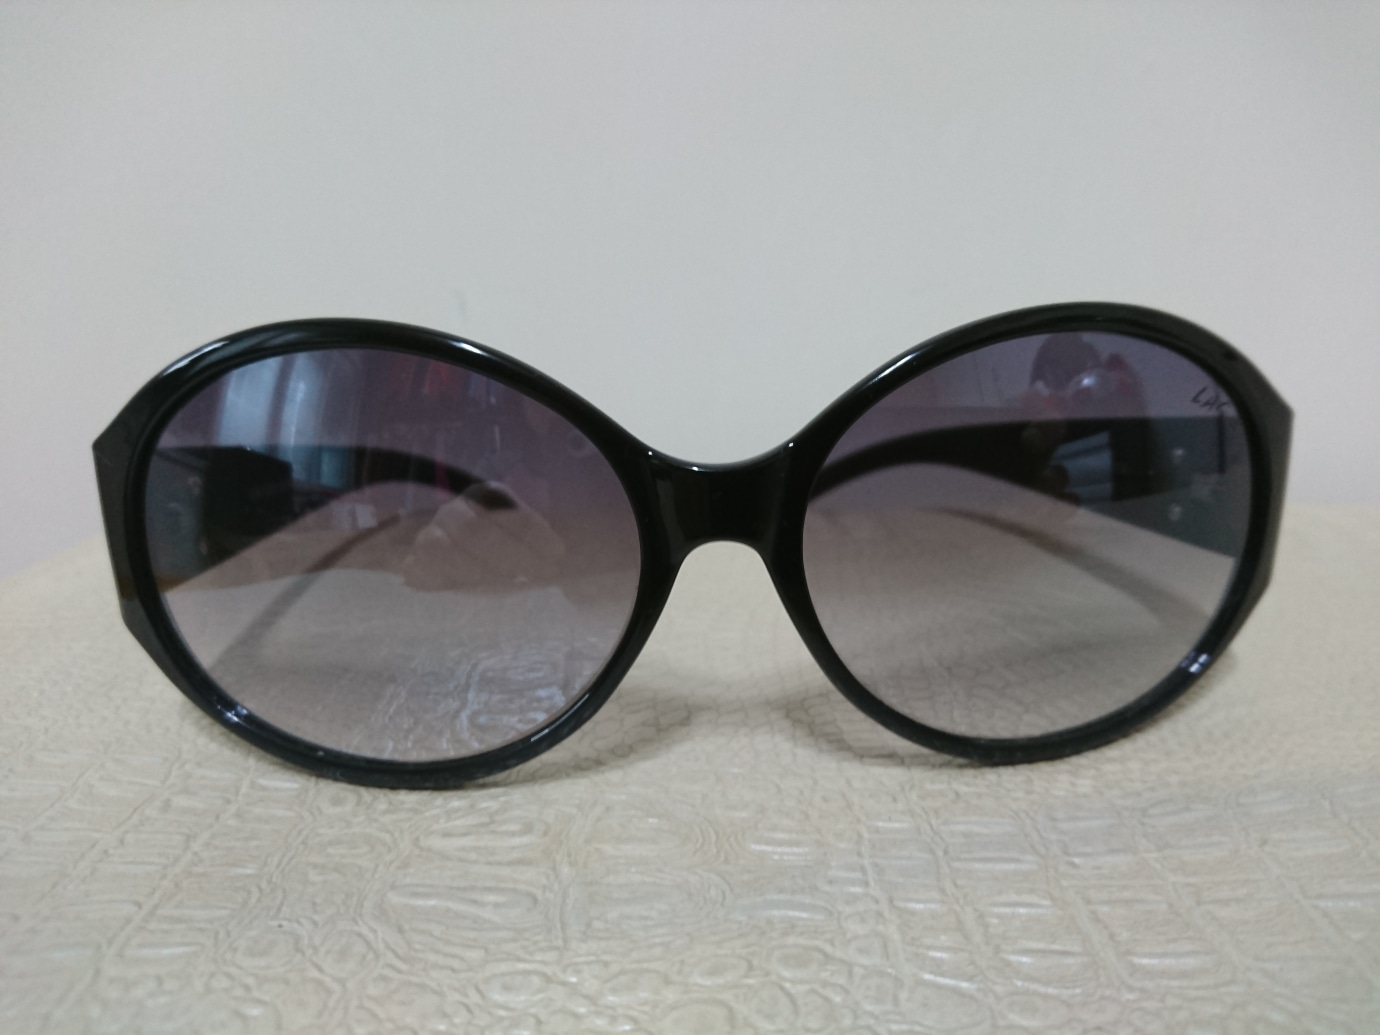 LA기어 썬글라스